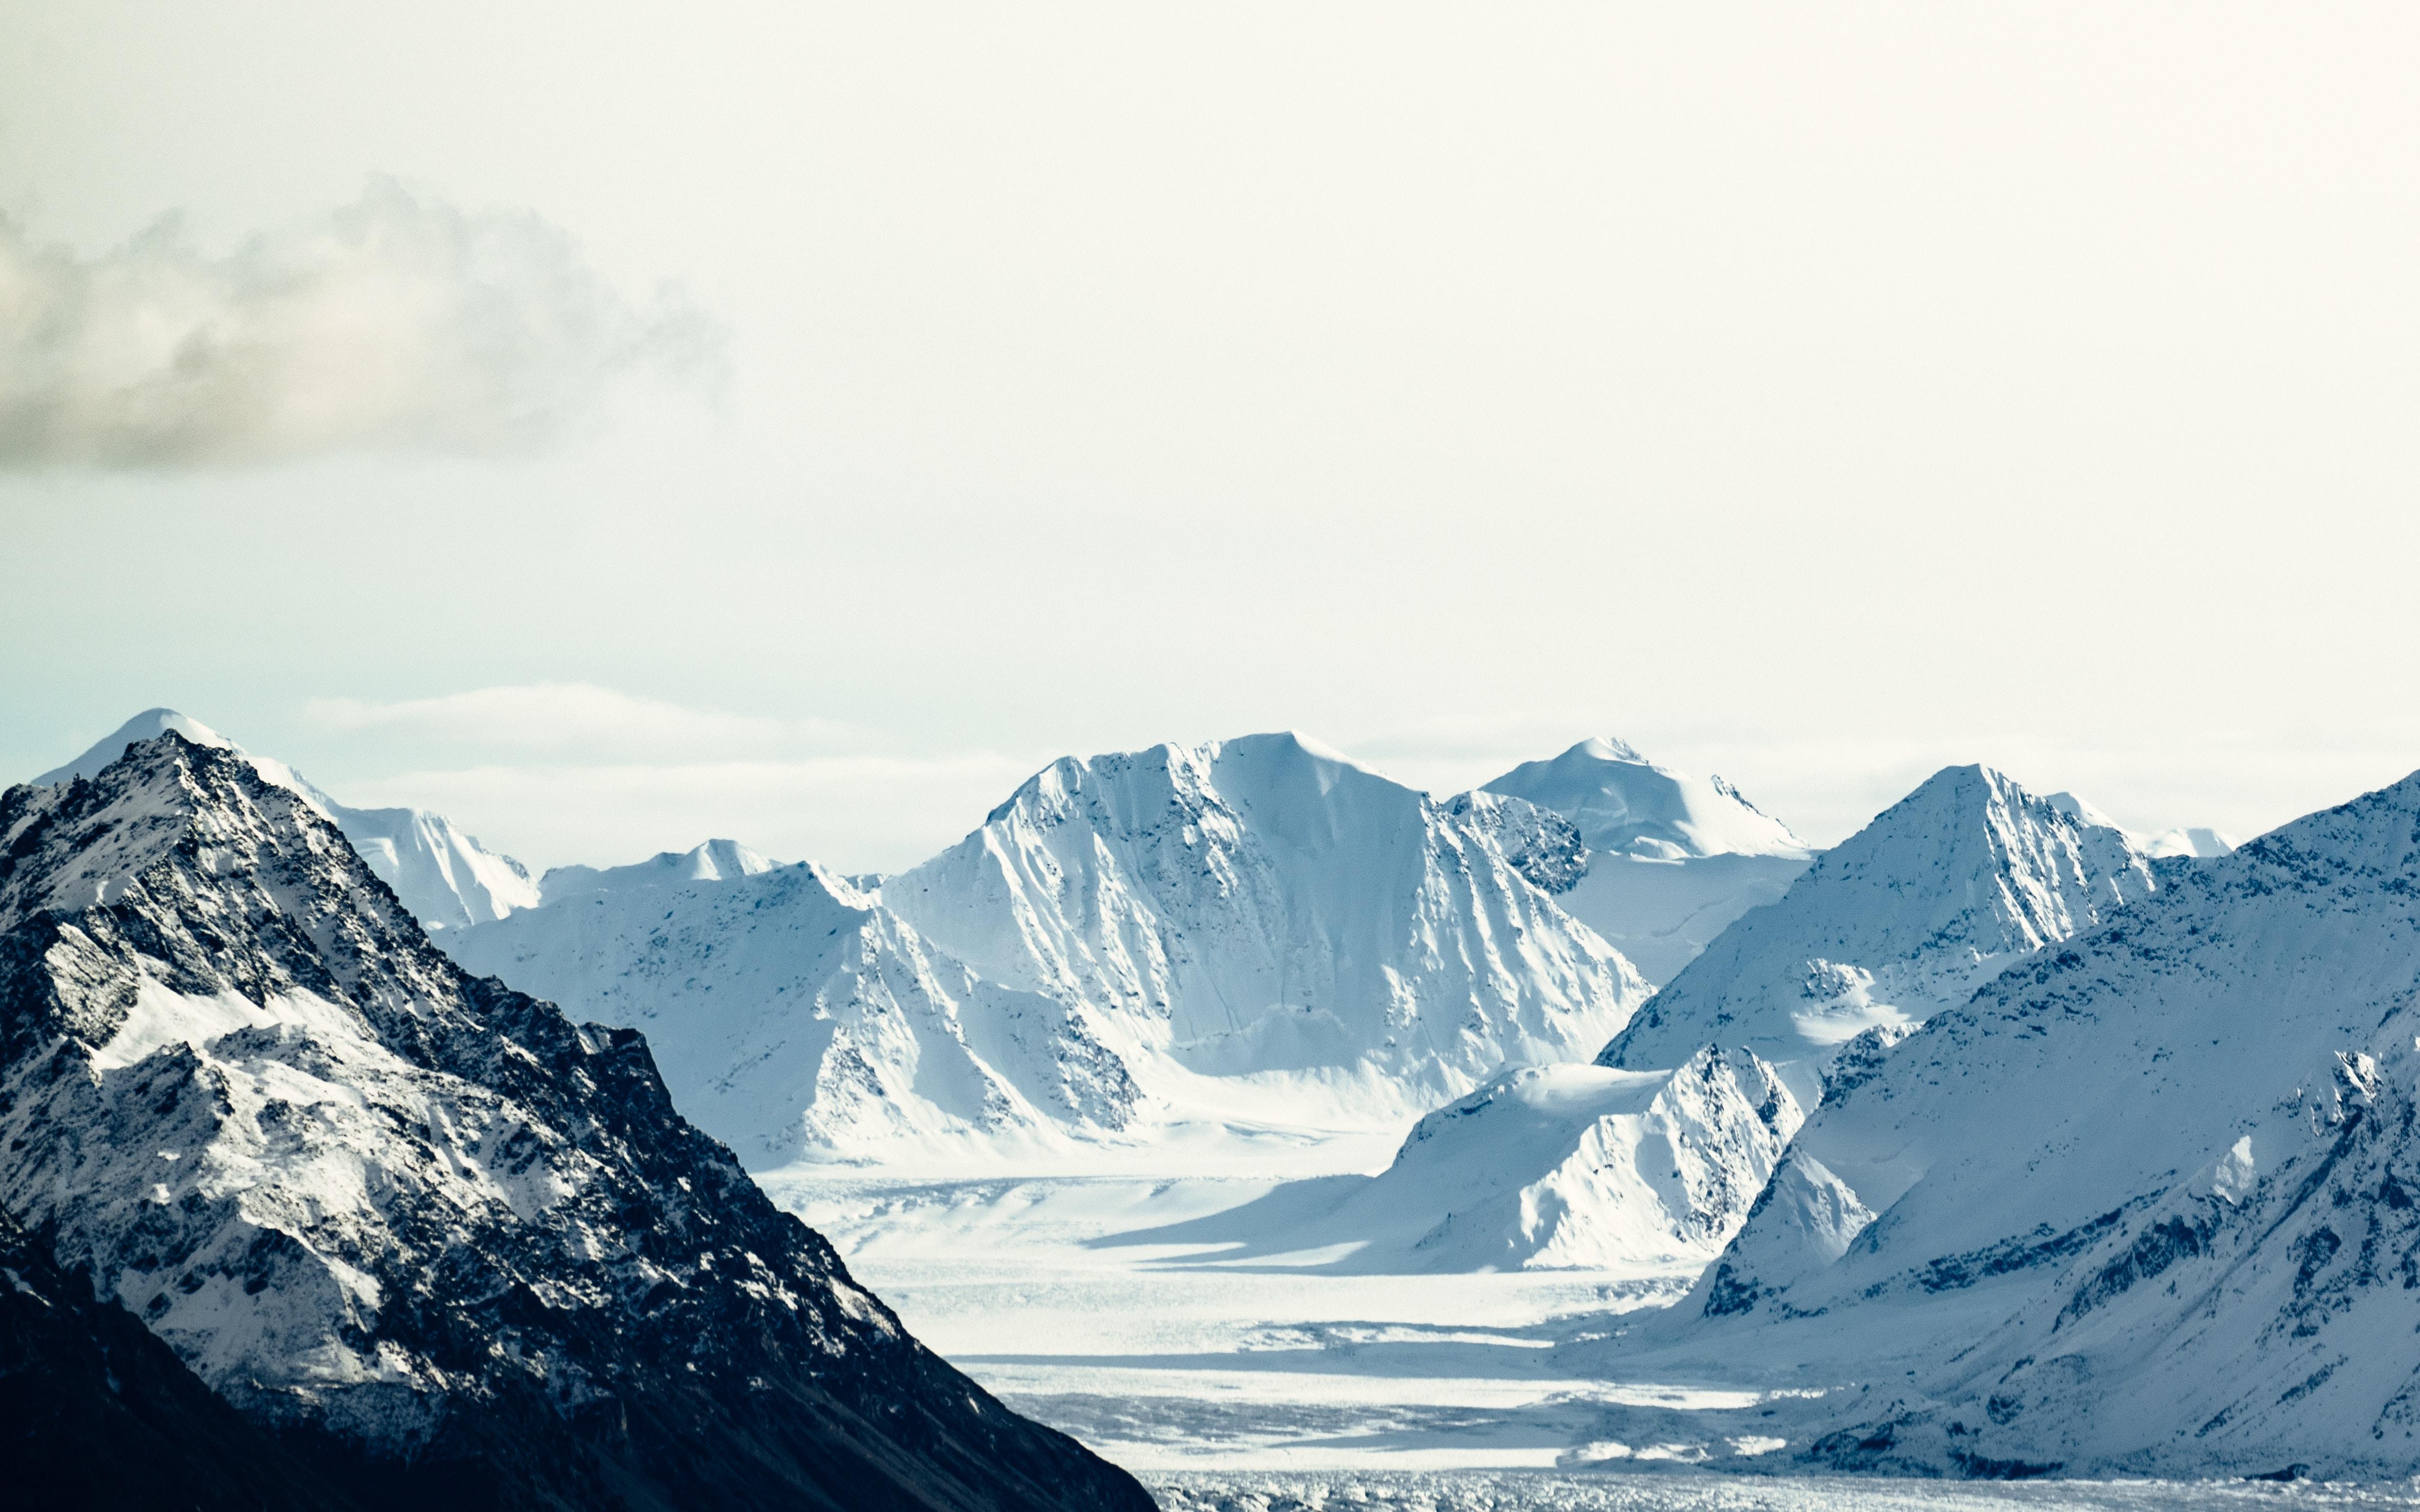 Snowy mountain range under white sky